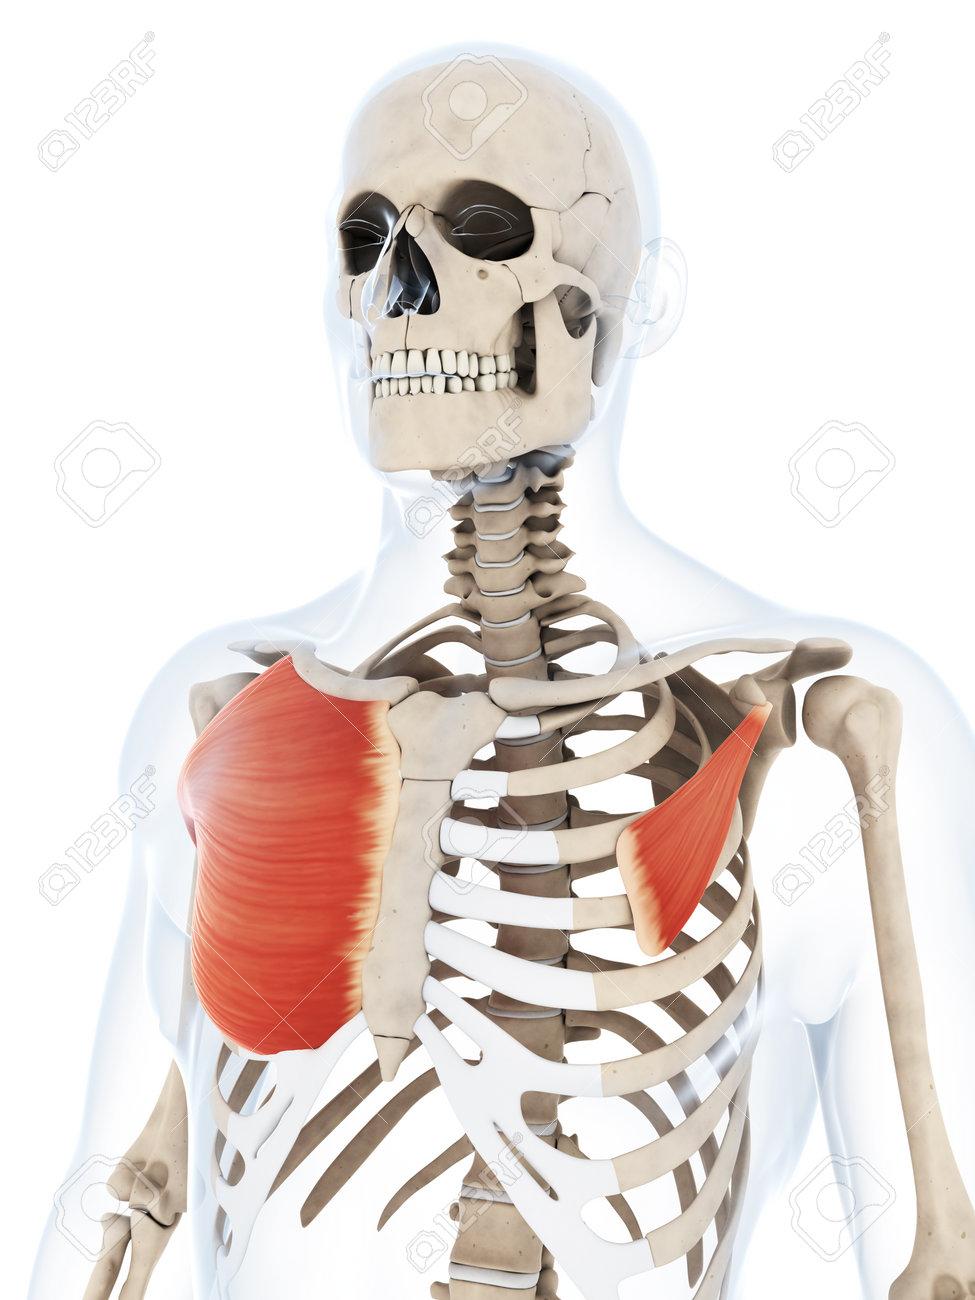 Asombroso Músculo Pectoral Ideas - Imágenes de Anatomía Humana ...